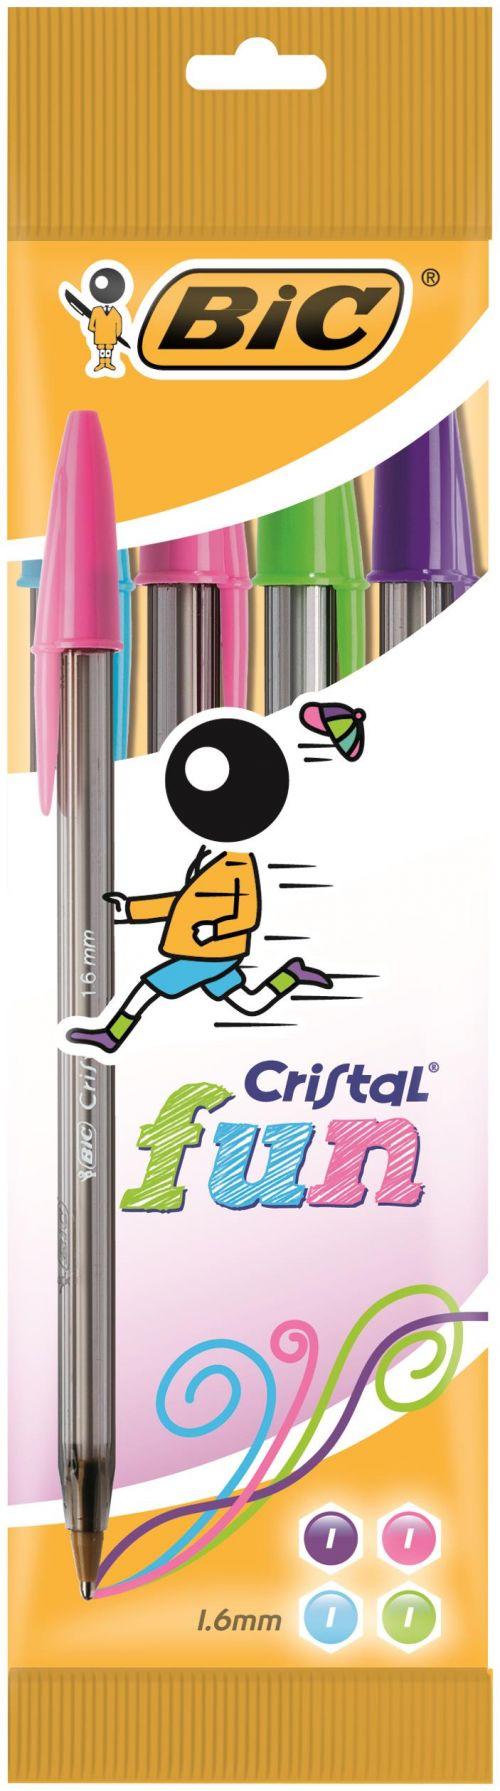 Bic Cristal FUN Assorted 1.6mm Ballpoint Pen (Pack 4) 8957921